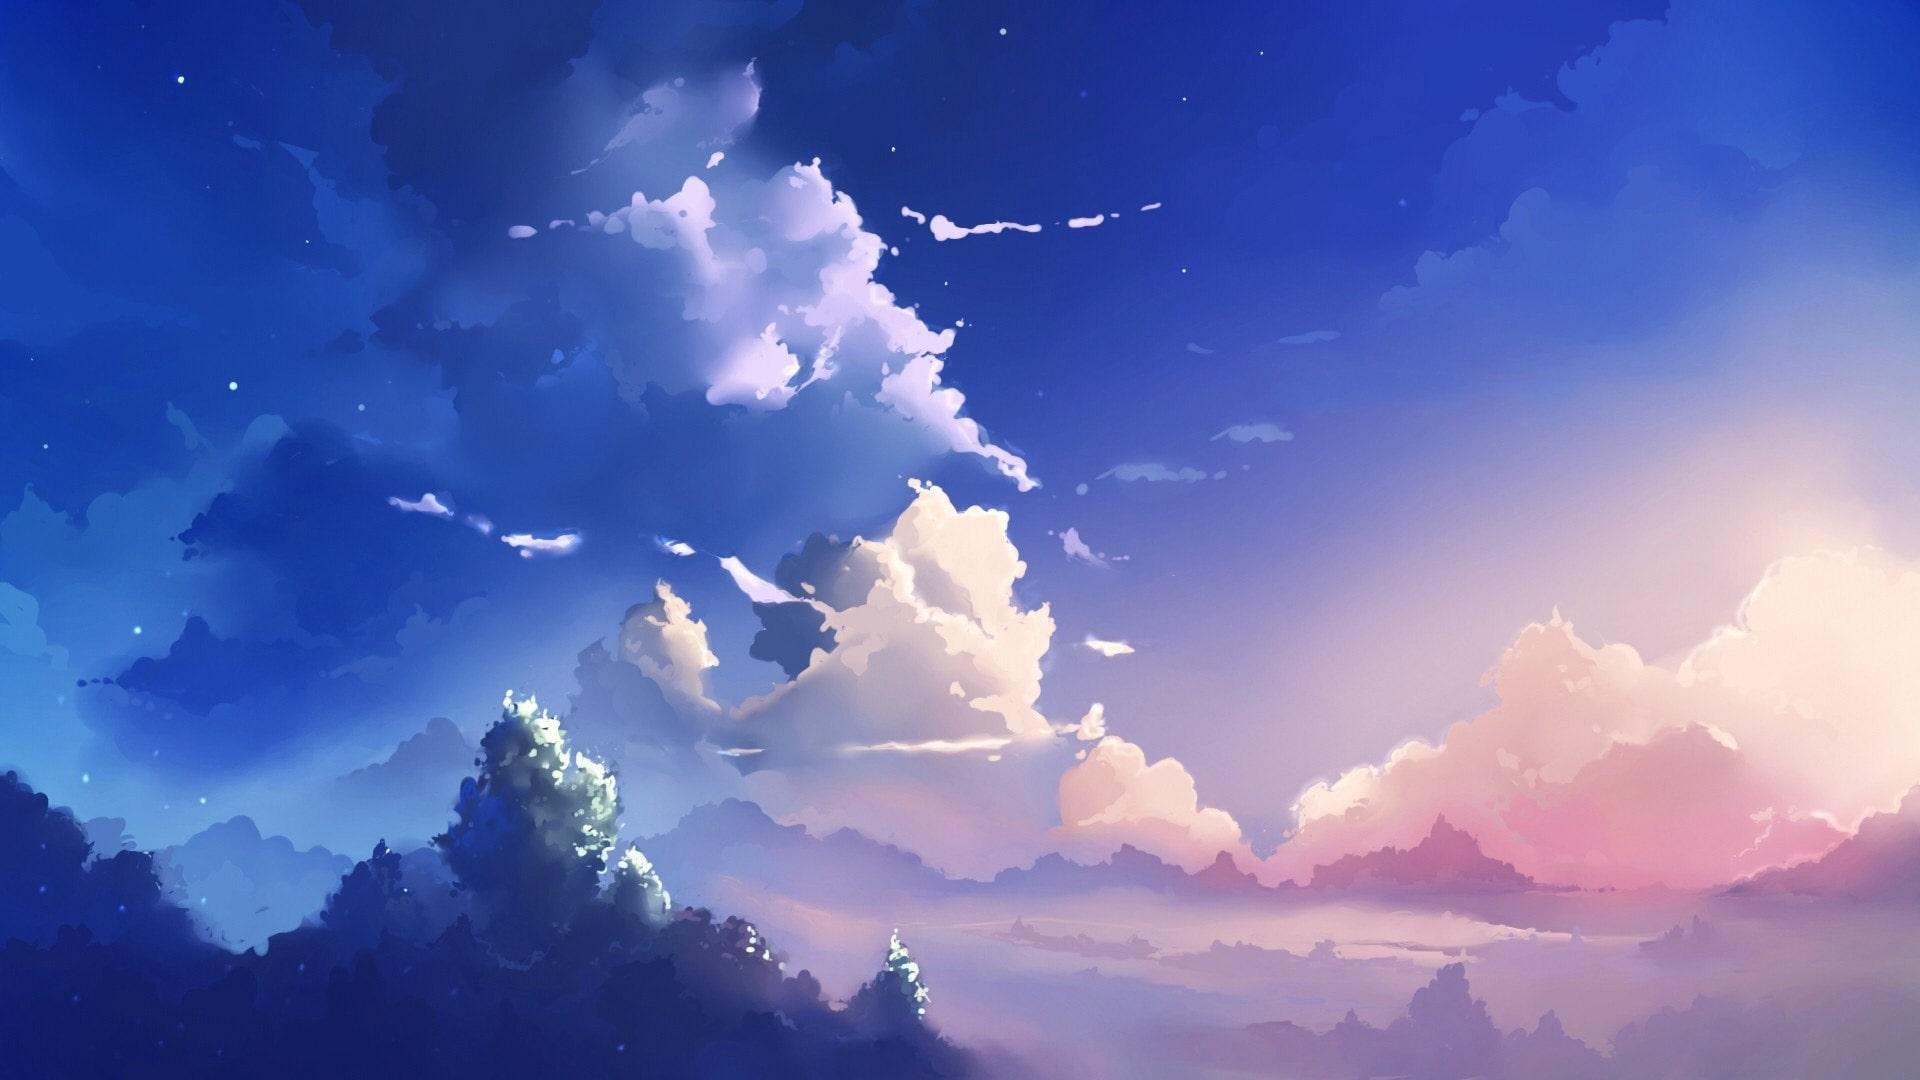 Hình nền anime đẹp cho máy tính